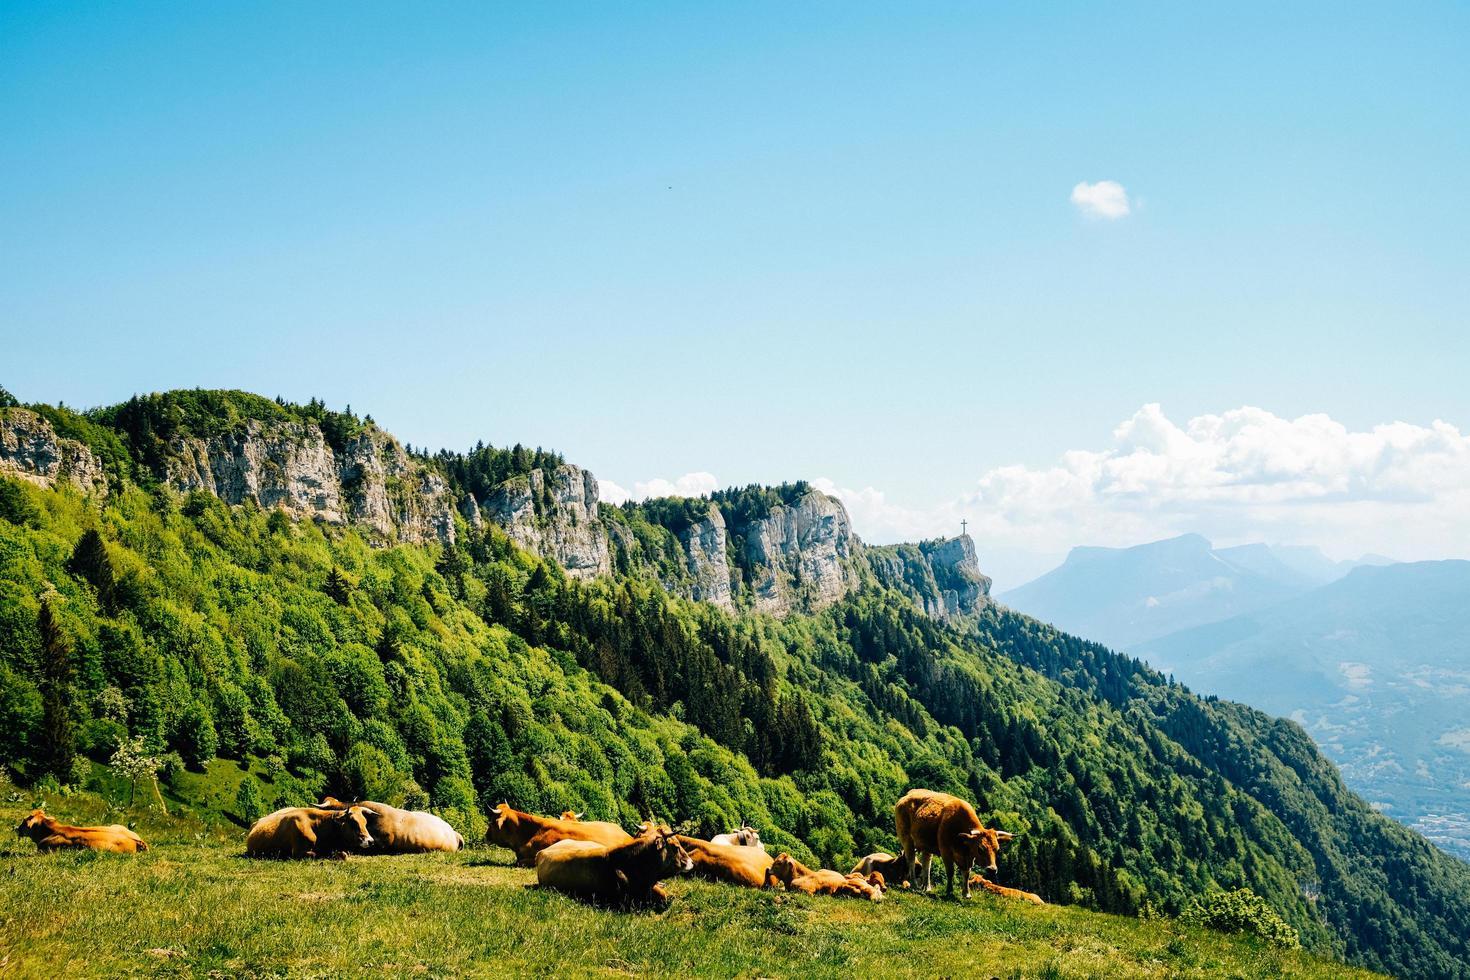 bovini sul campo in erba vicino alla montagna sotto il cielo blu foto